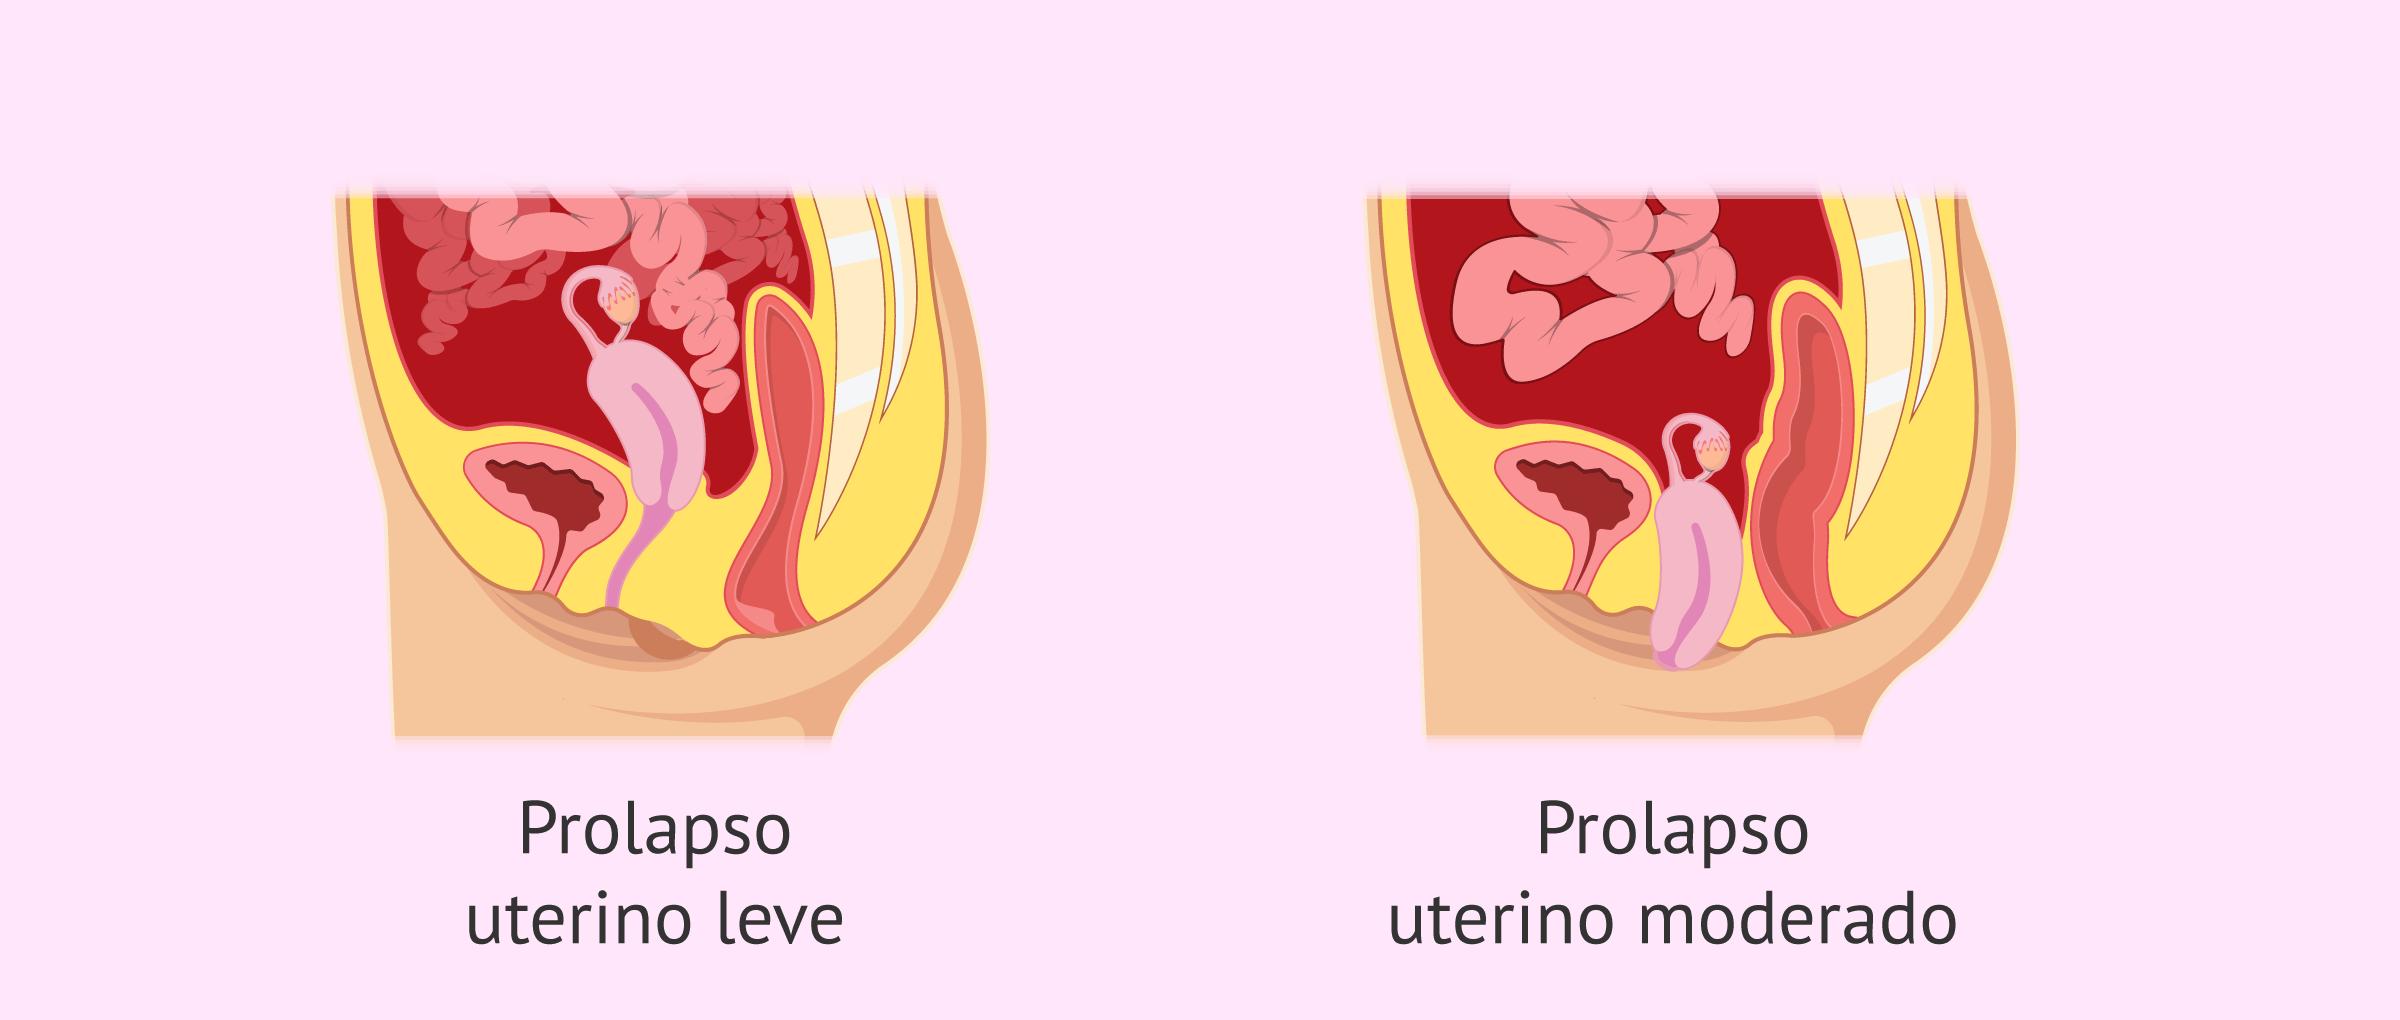 Tipos de prolapso uterino